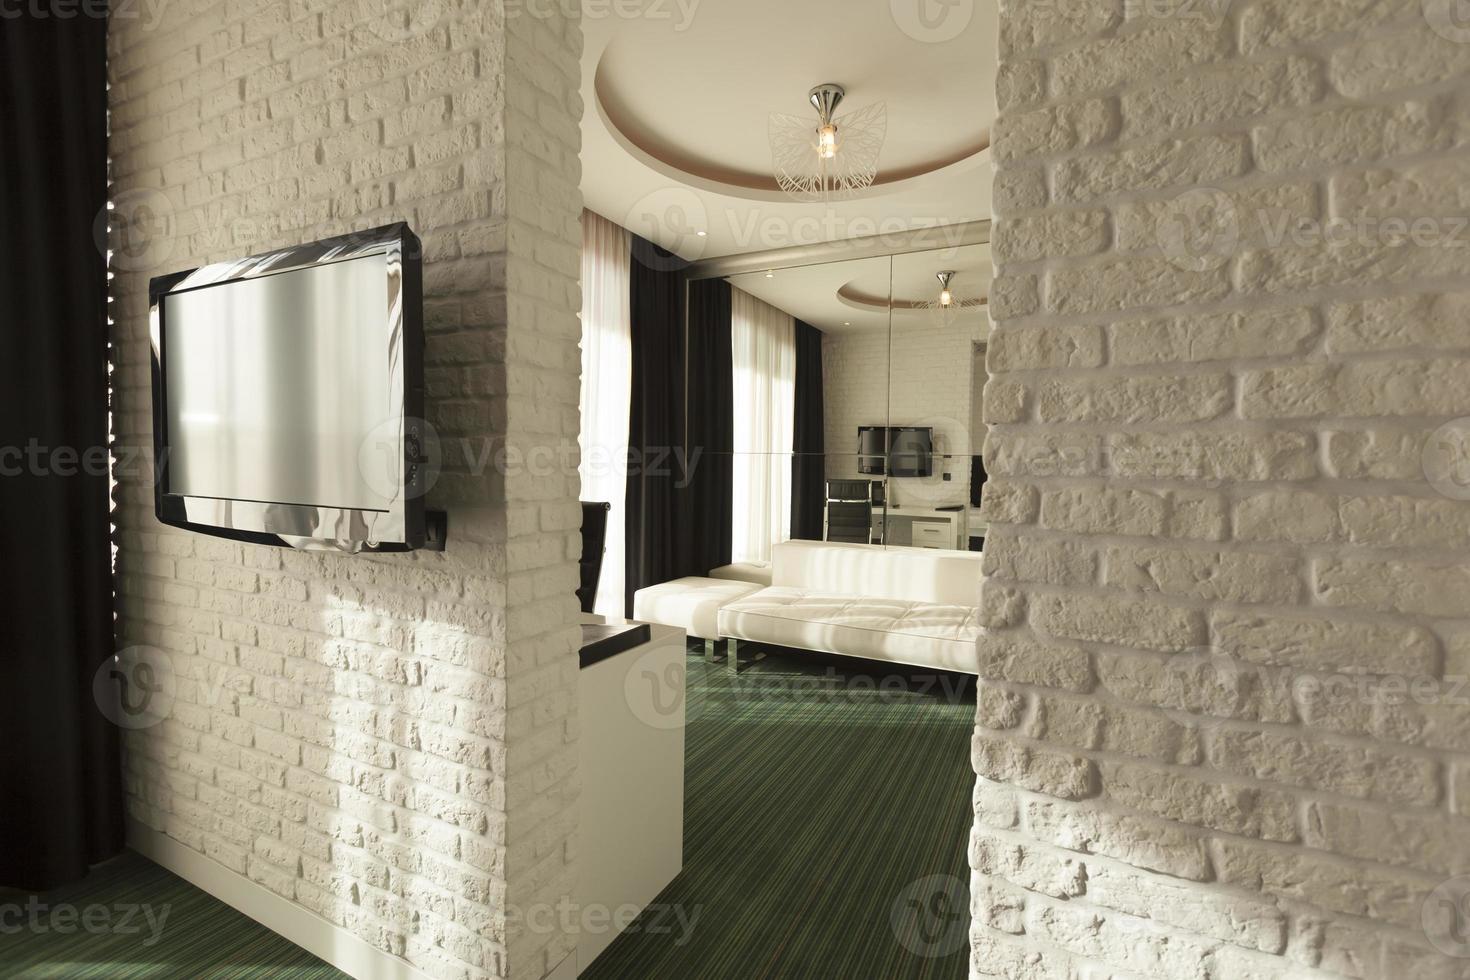 luxe hotelkamer deuropening in de ochtend foto